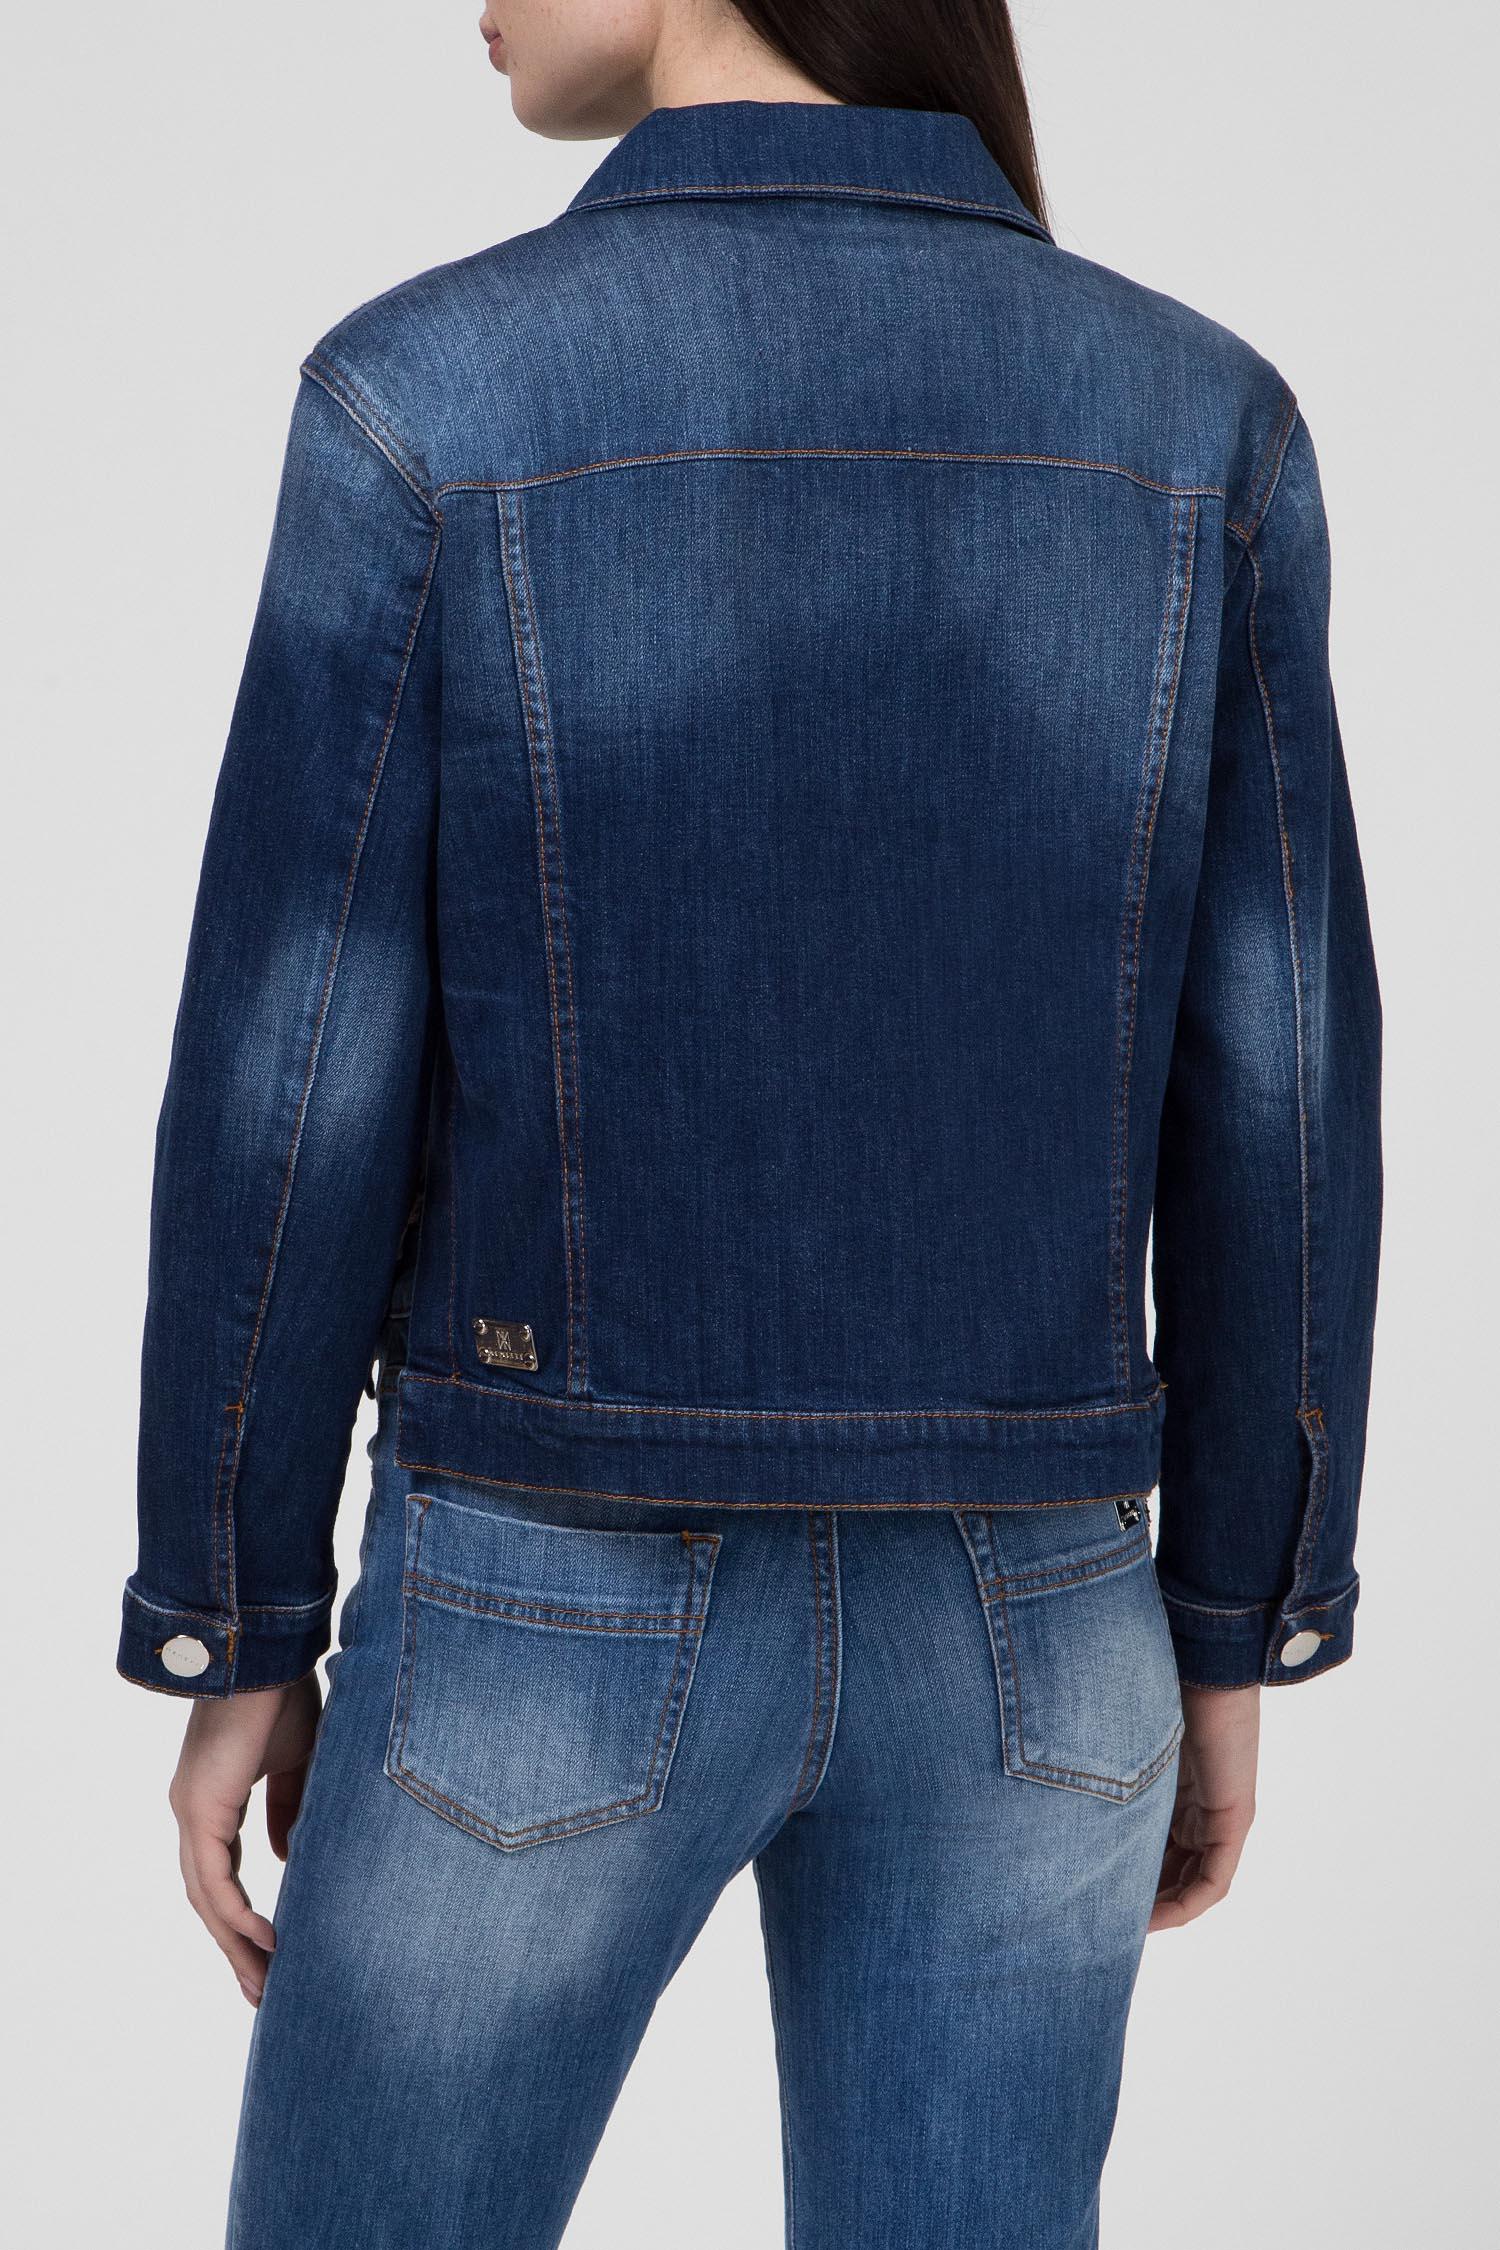 Купить Женская синяя джинсовая куртка SORBETTO Nenette/TLJ Nenette/TLJ SORBETTO – Киев, Украина. Цены в интернет магазине MD Fashion